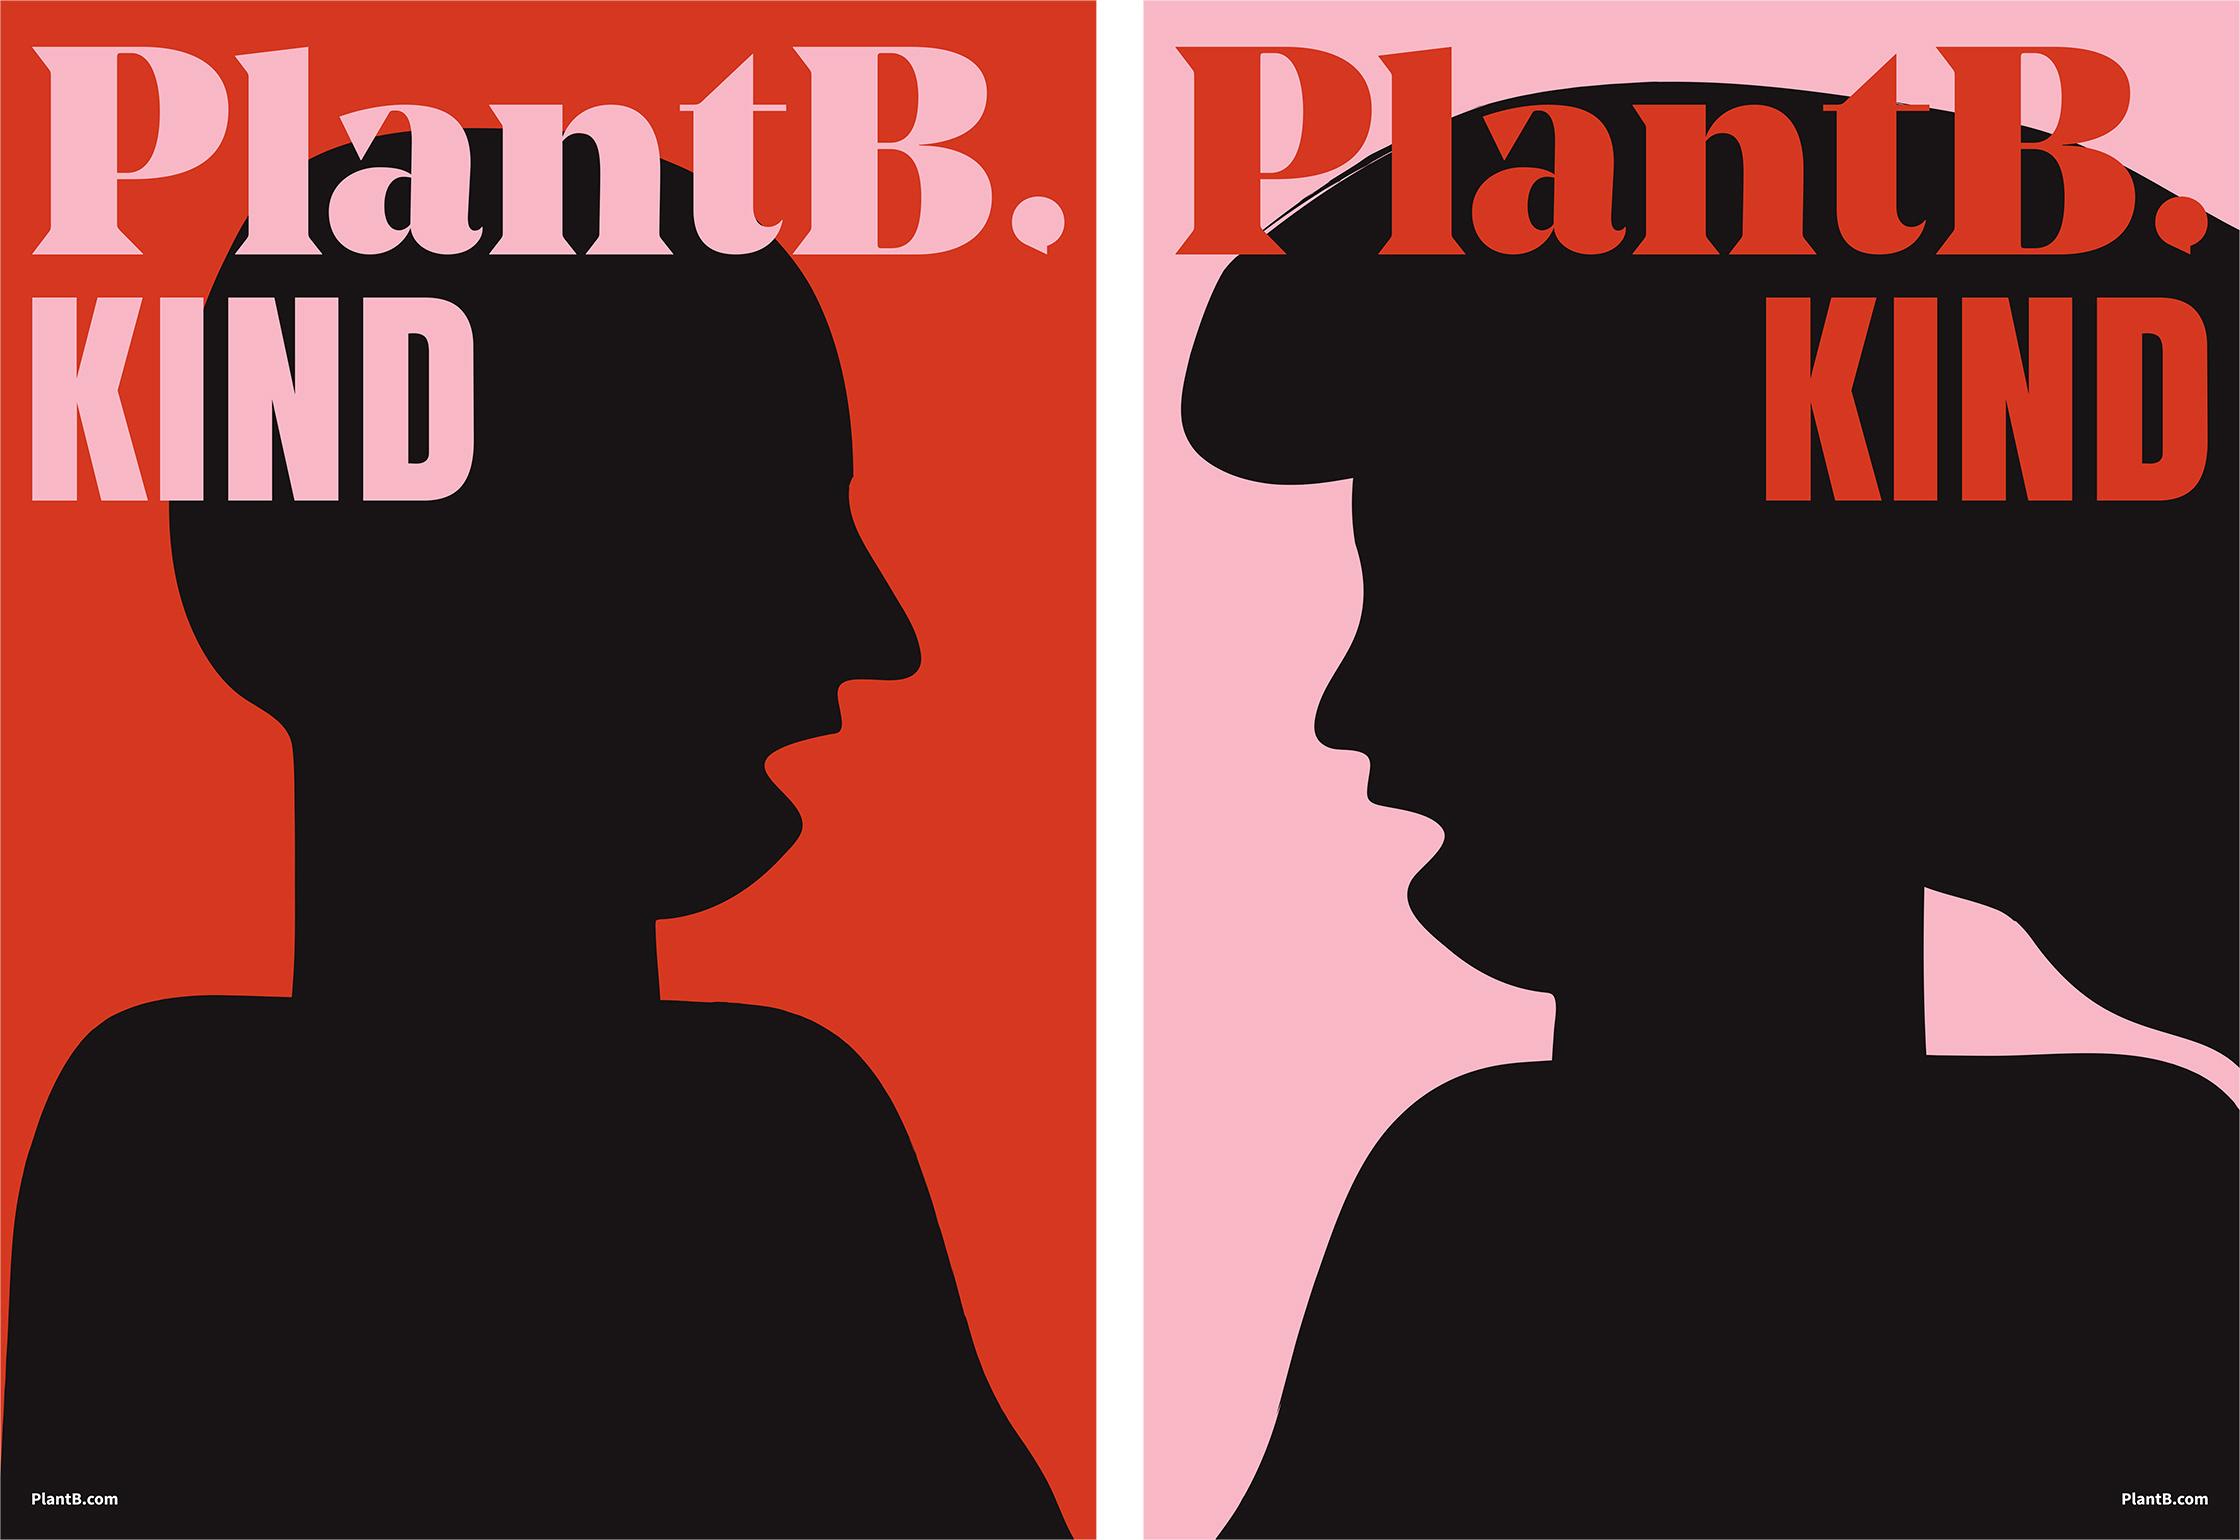 makebardo_PlantB_3.jpg